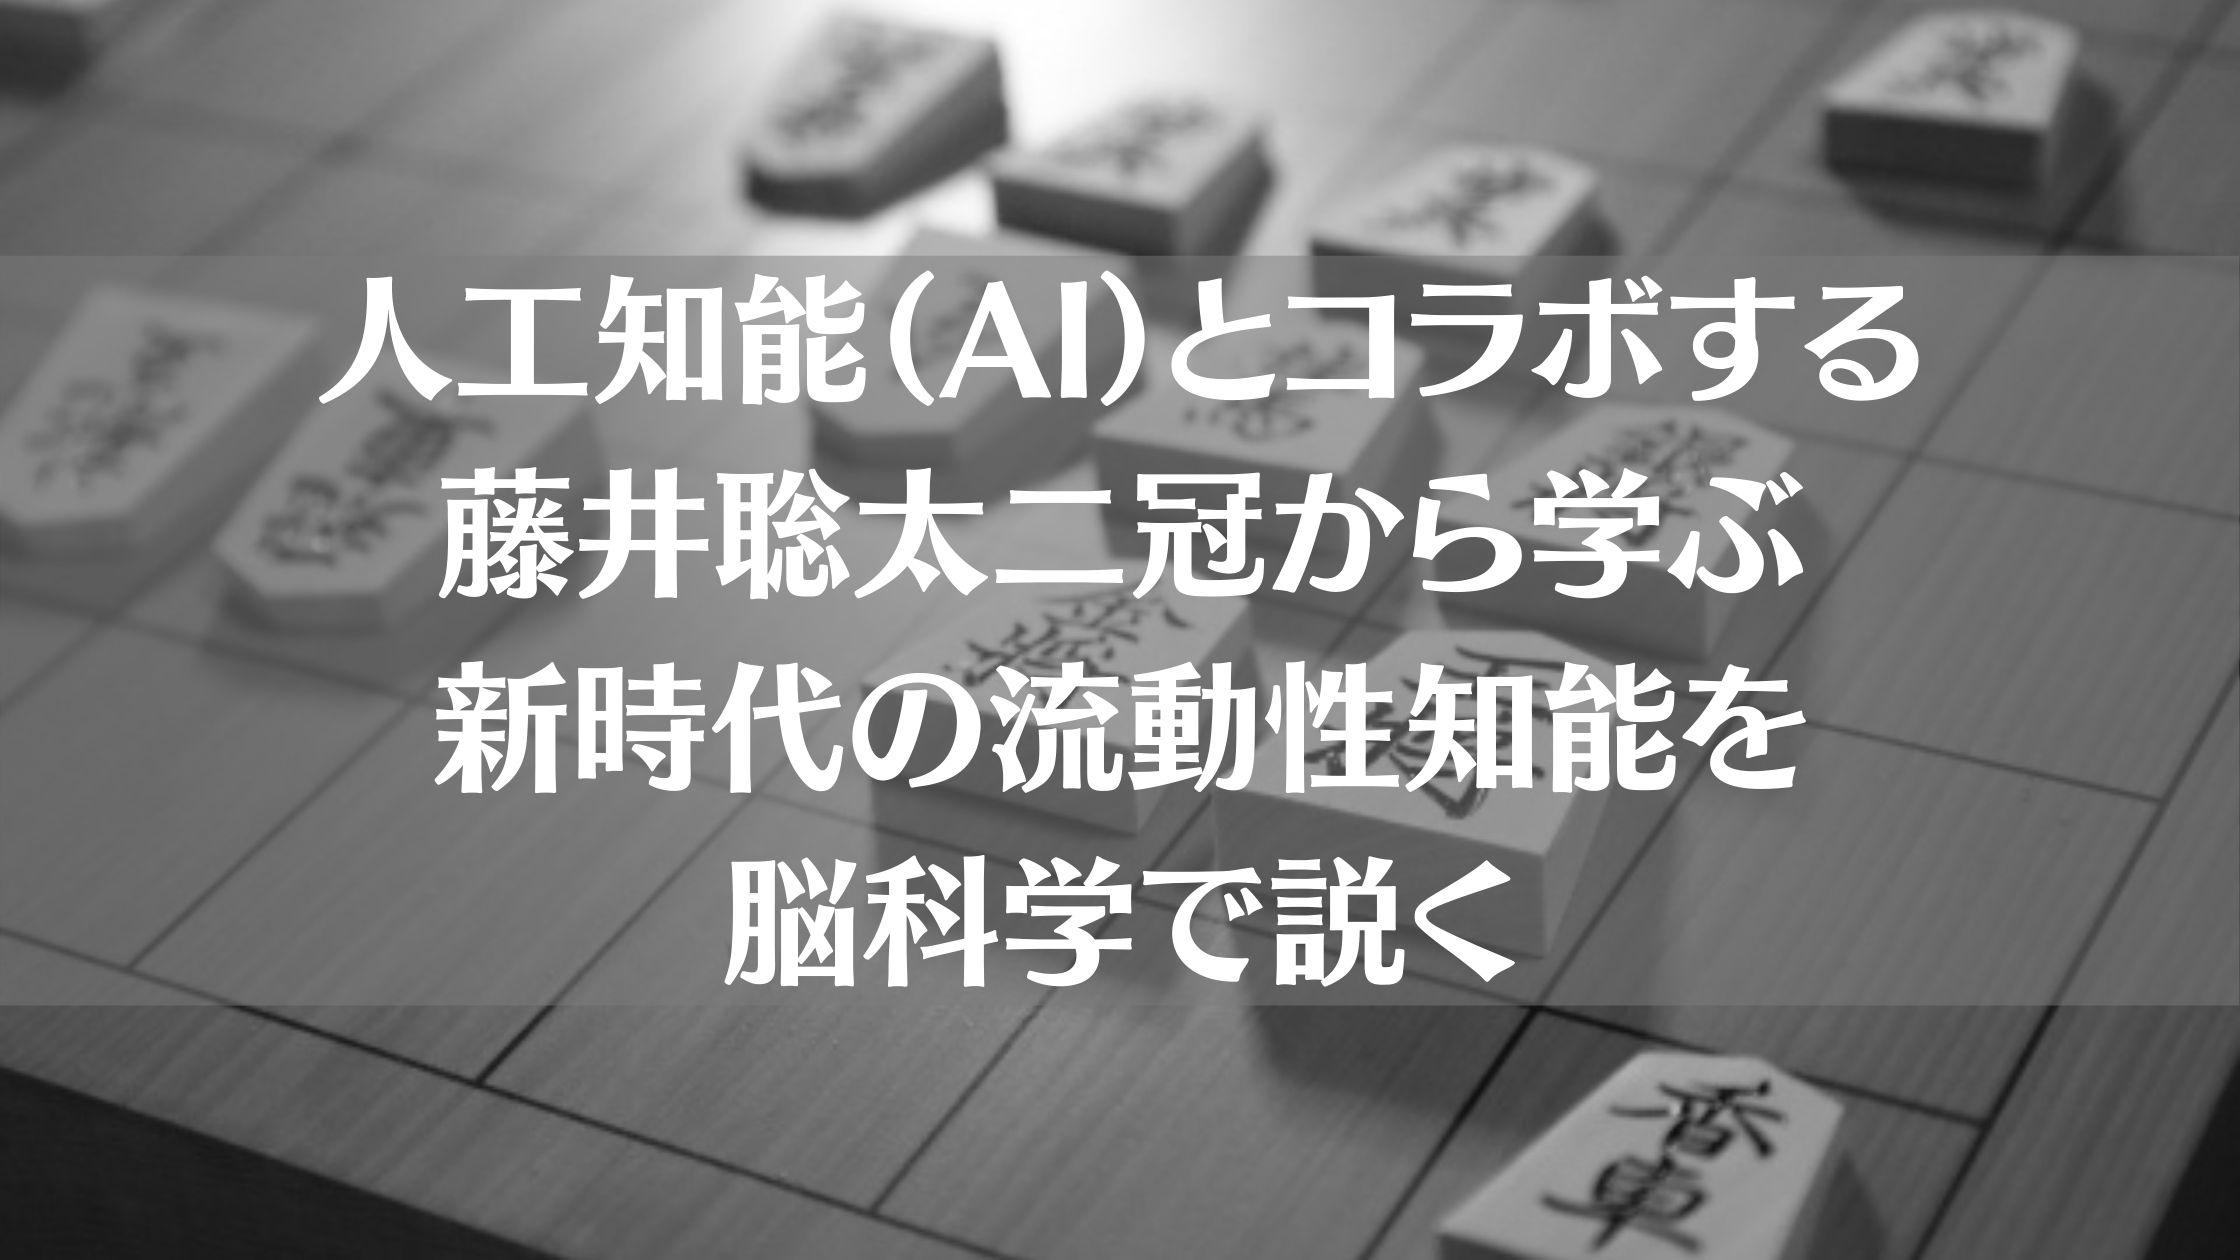 藤井聡太-A1